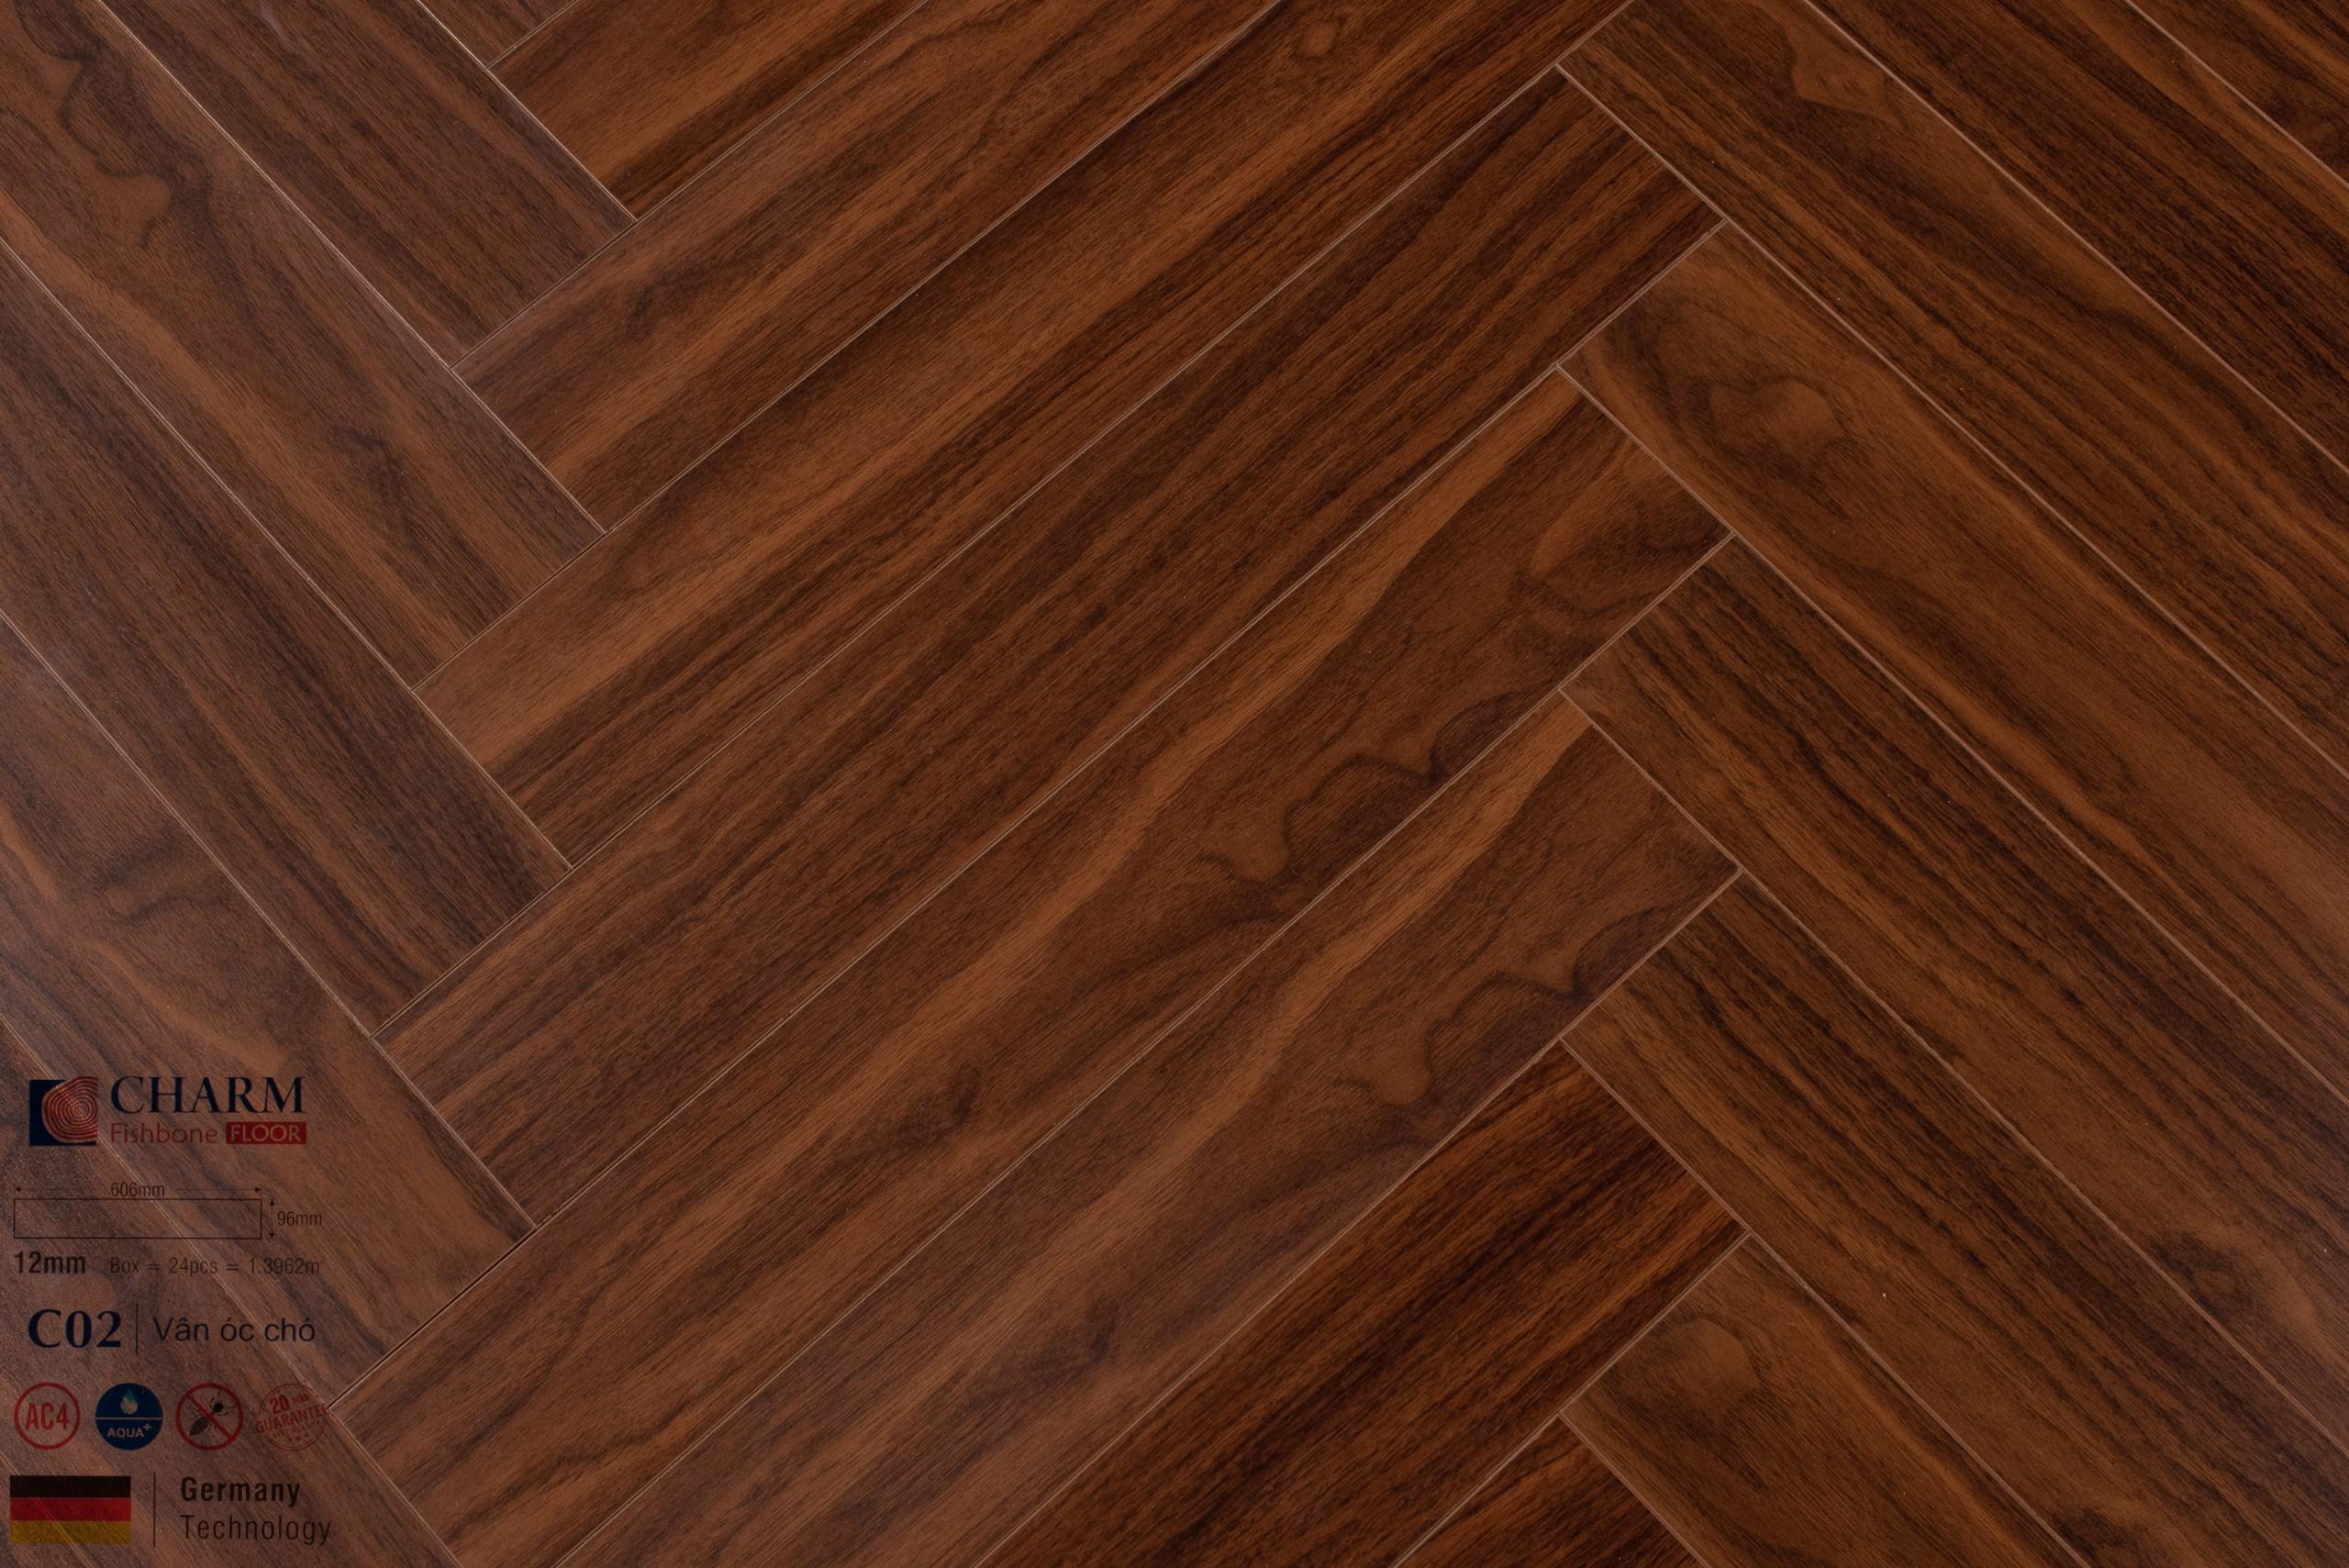 Sàn gỗ Charm C02